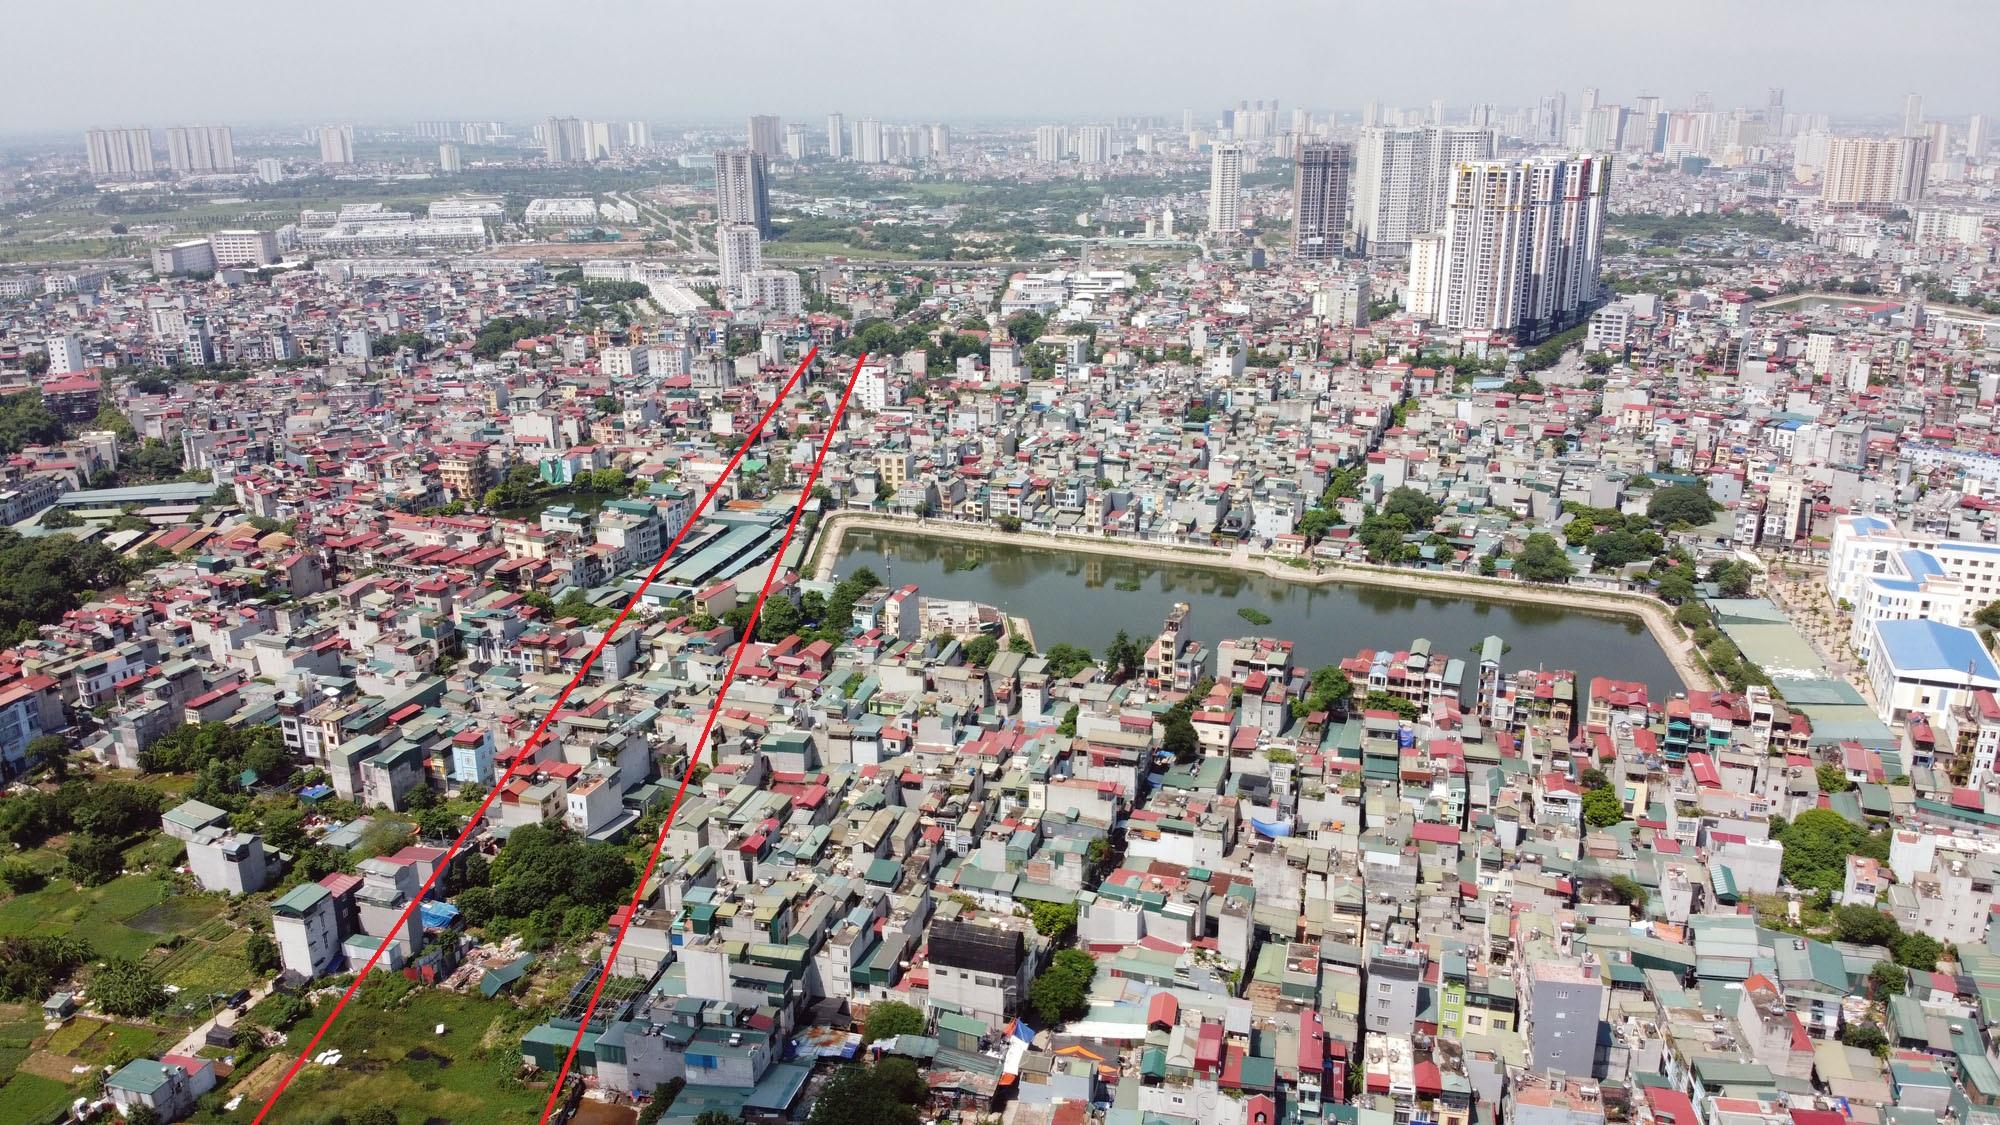 Kế hoạch sử dụng đất phường Khương Đình, Thanh Xuân, Hà Nội năm 2021 - Ảnh 1.